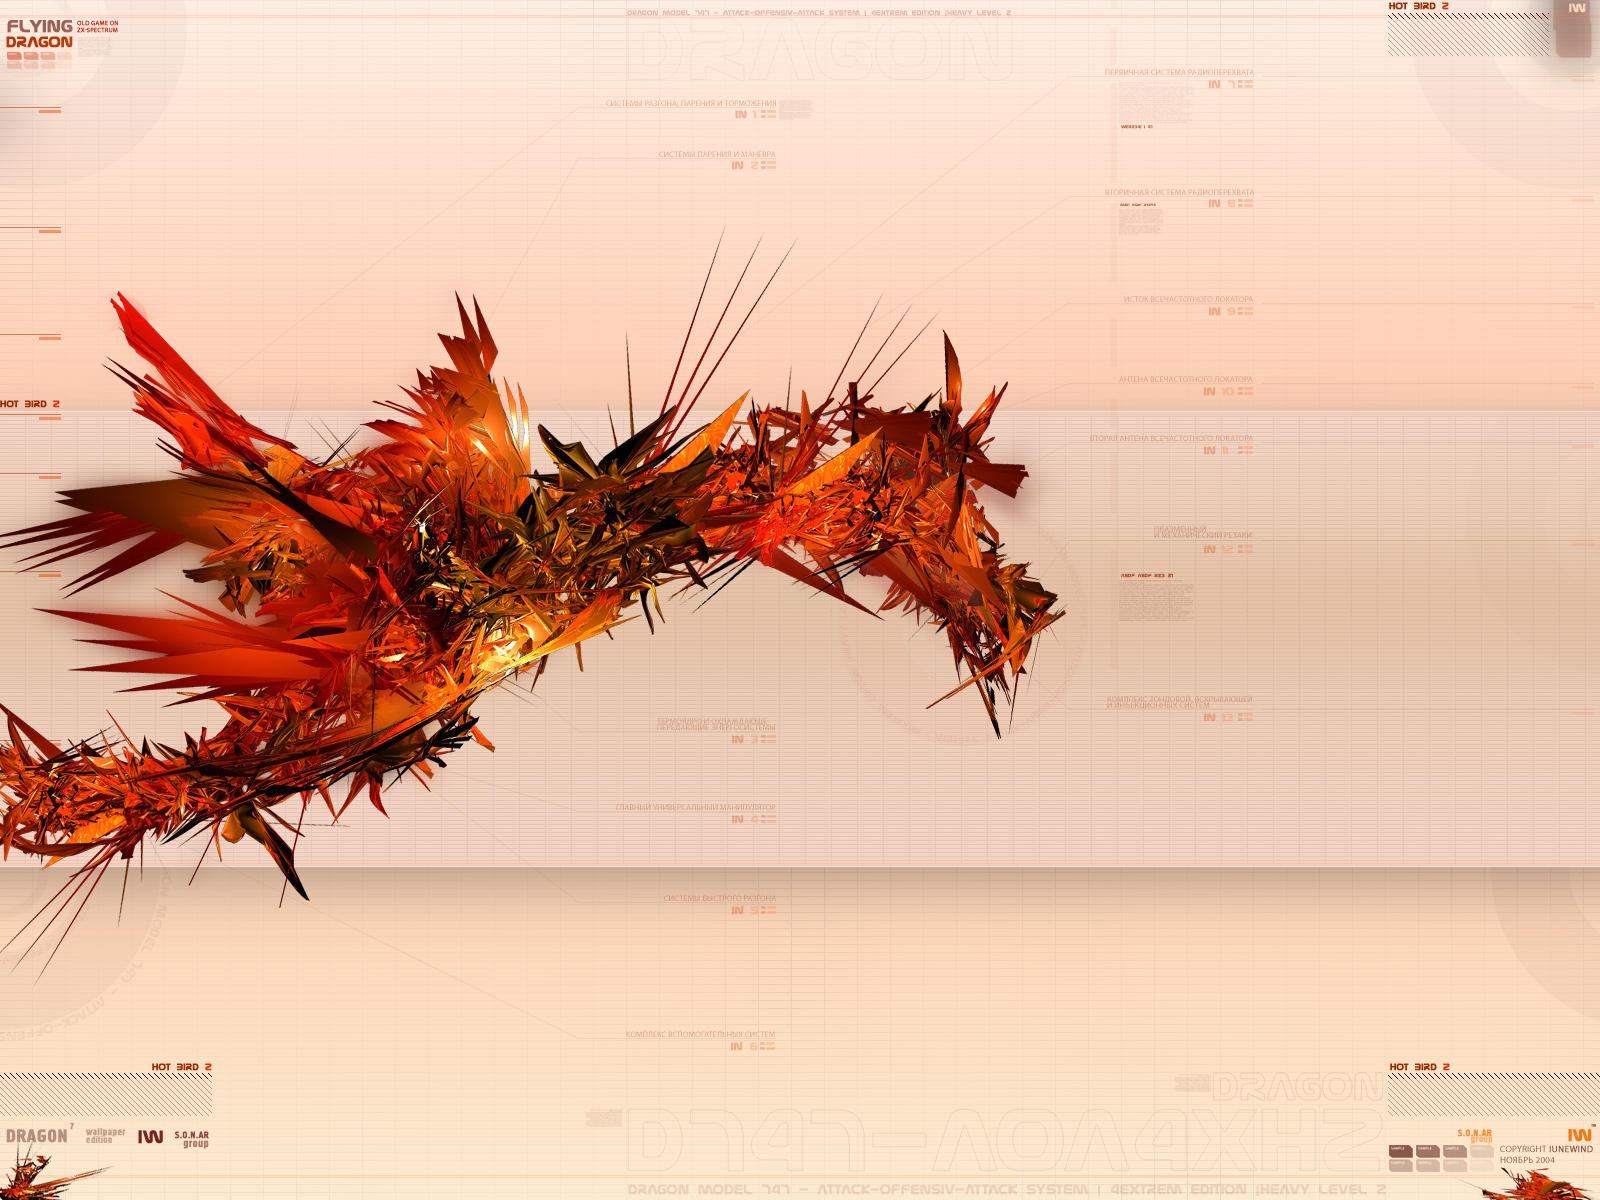 dragon wall by iuneWind